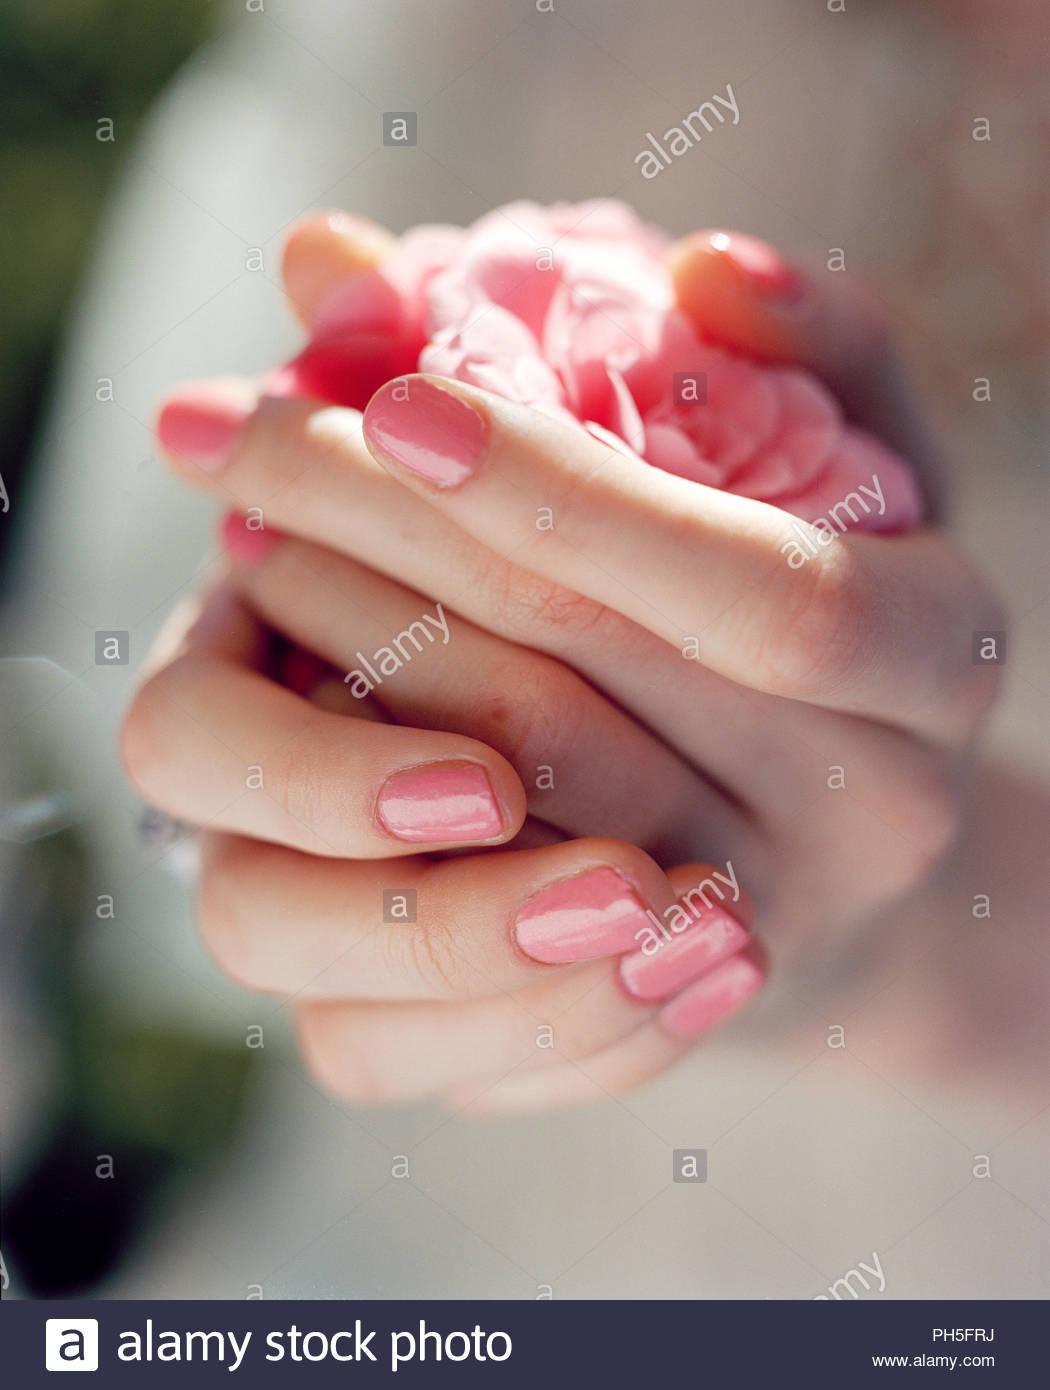 Woman's hands wearing pink nail polish - Stock Image